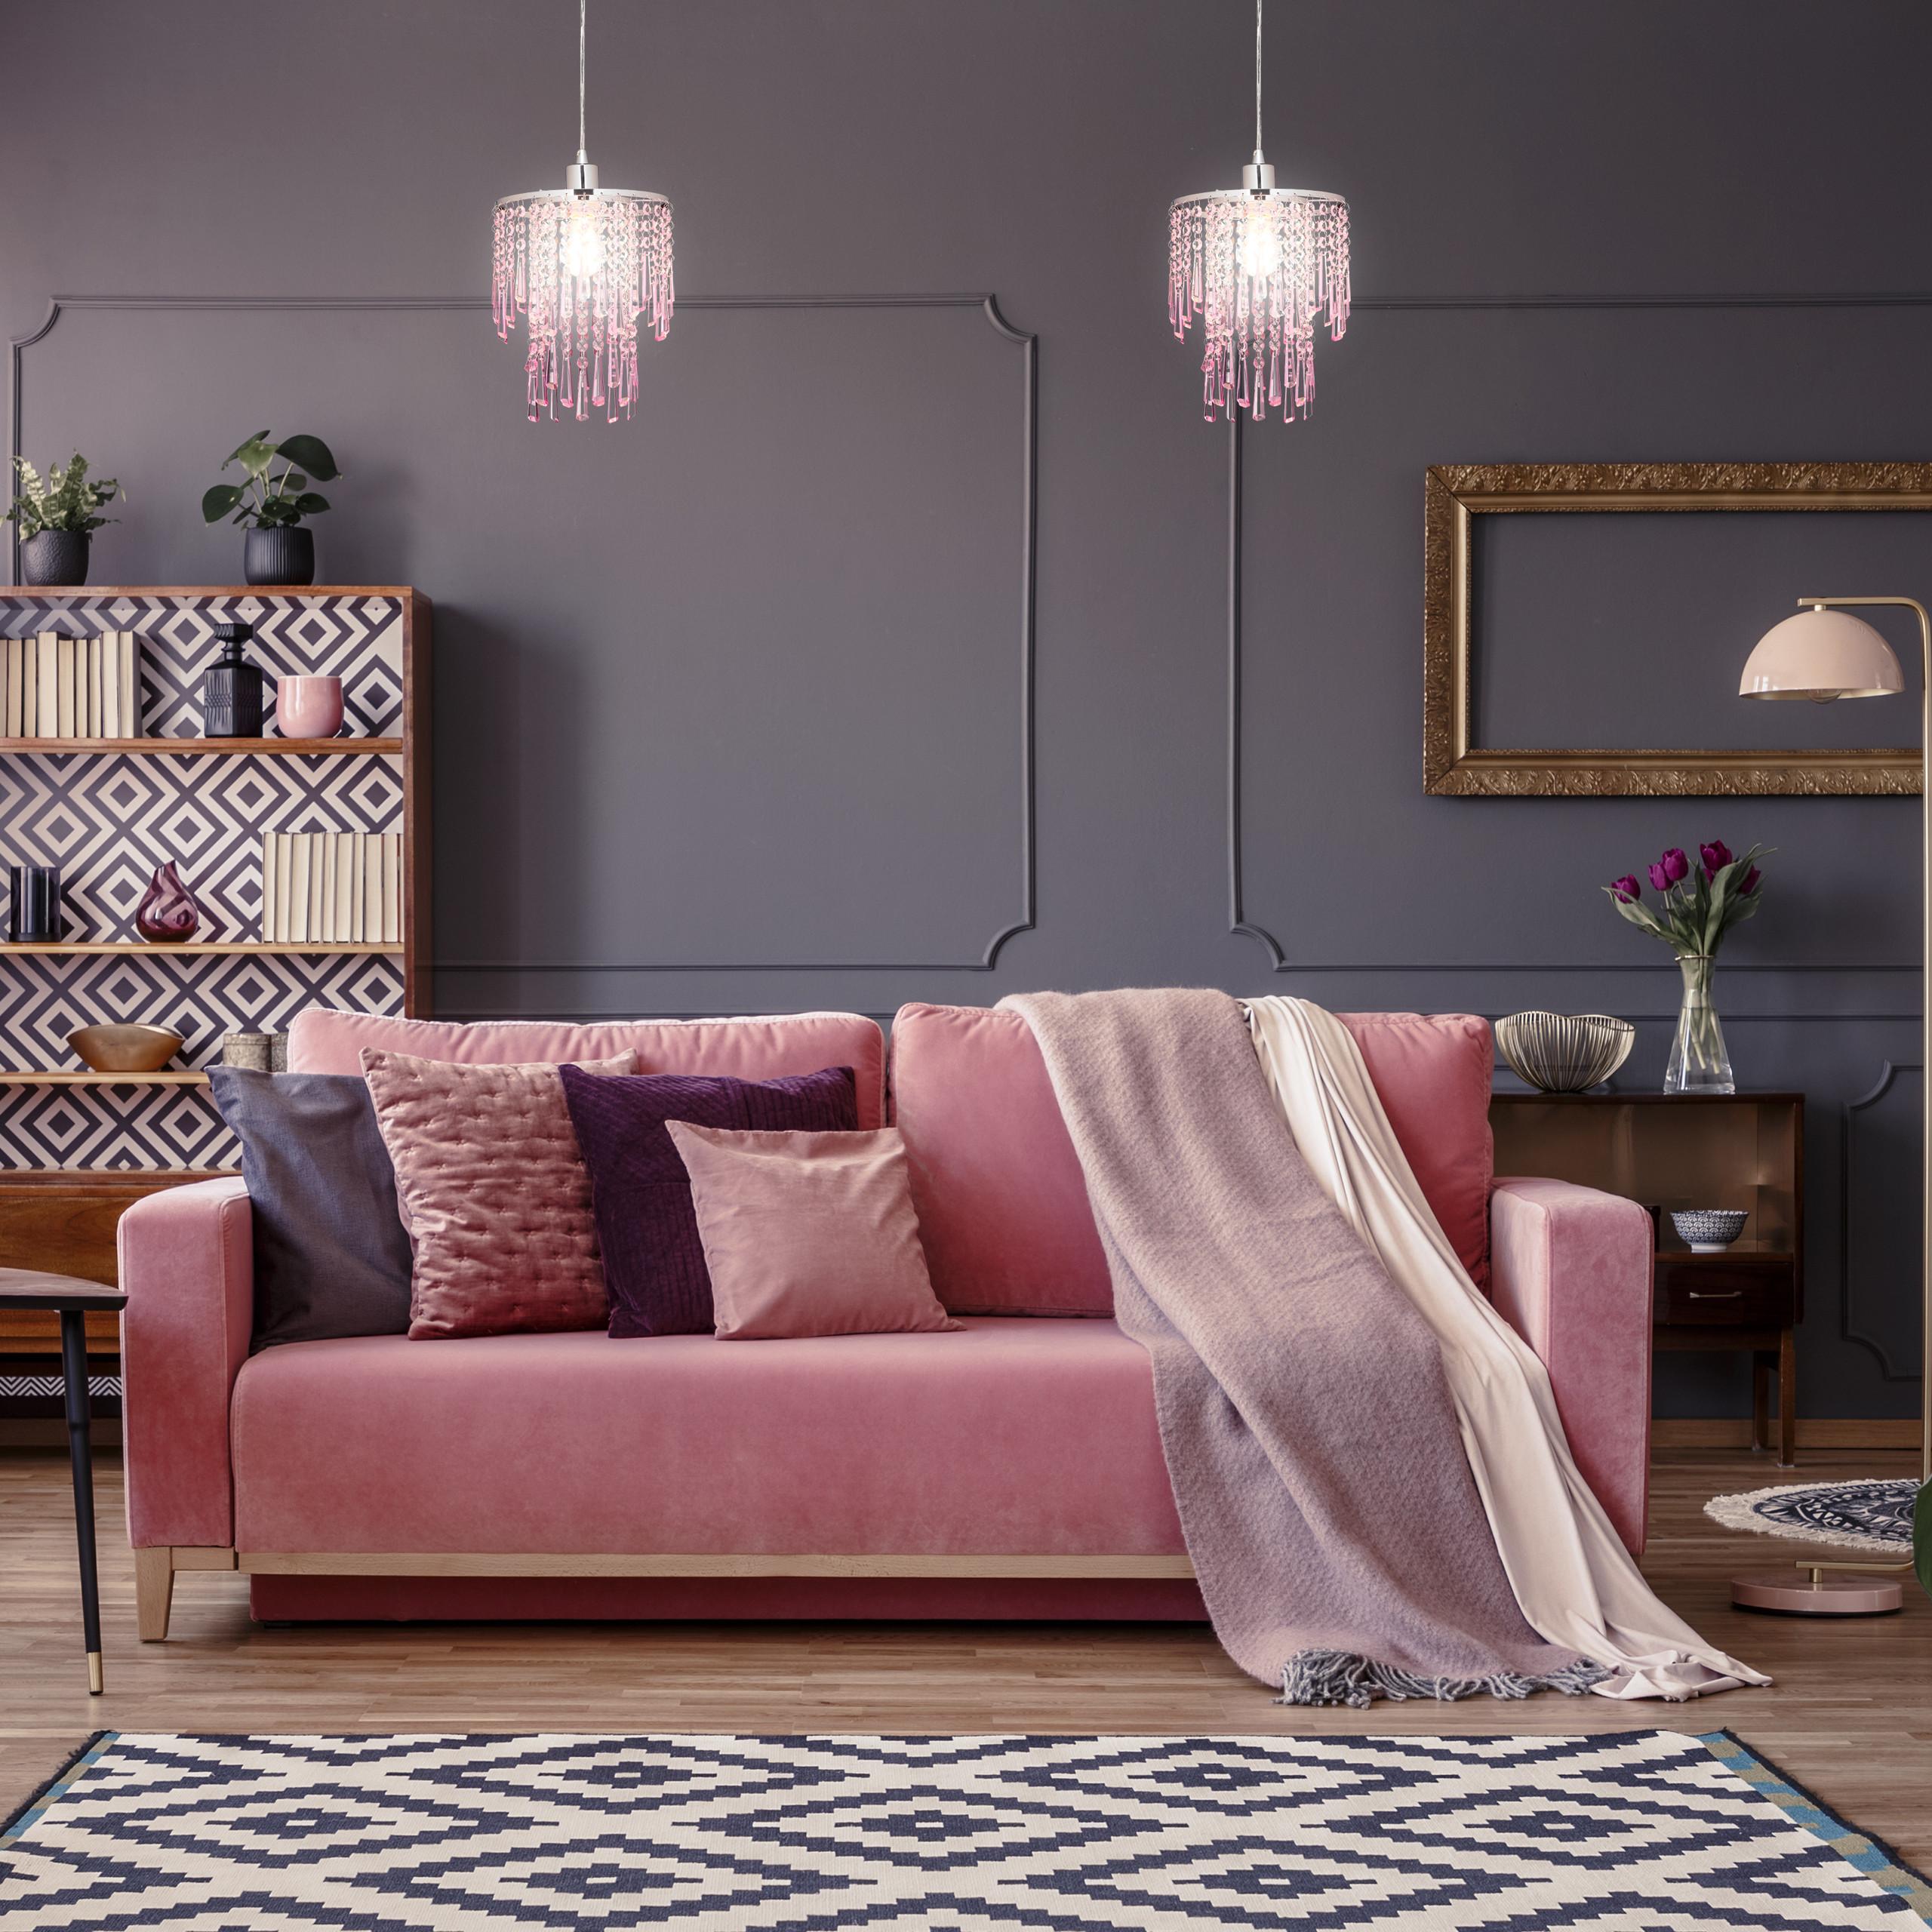 Indexbild 7 - Hängelampe Pendellampe Kronleuchter Mädchen Lampe Schlafzimmerlampe E27 Kristall